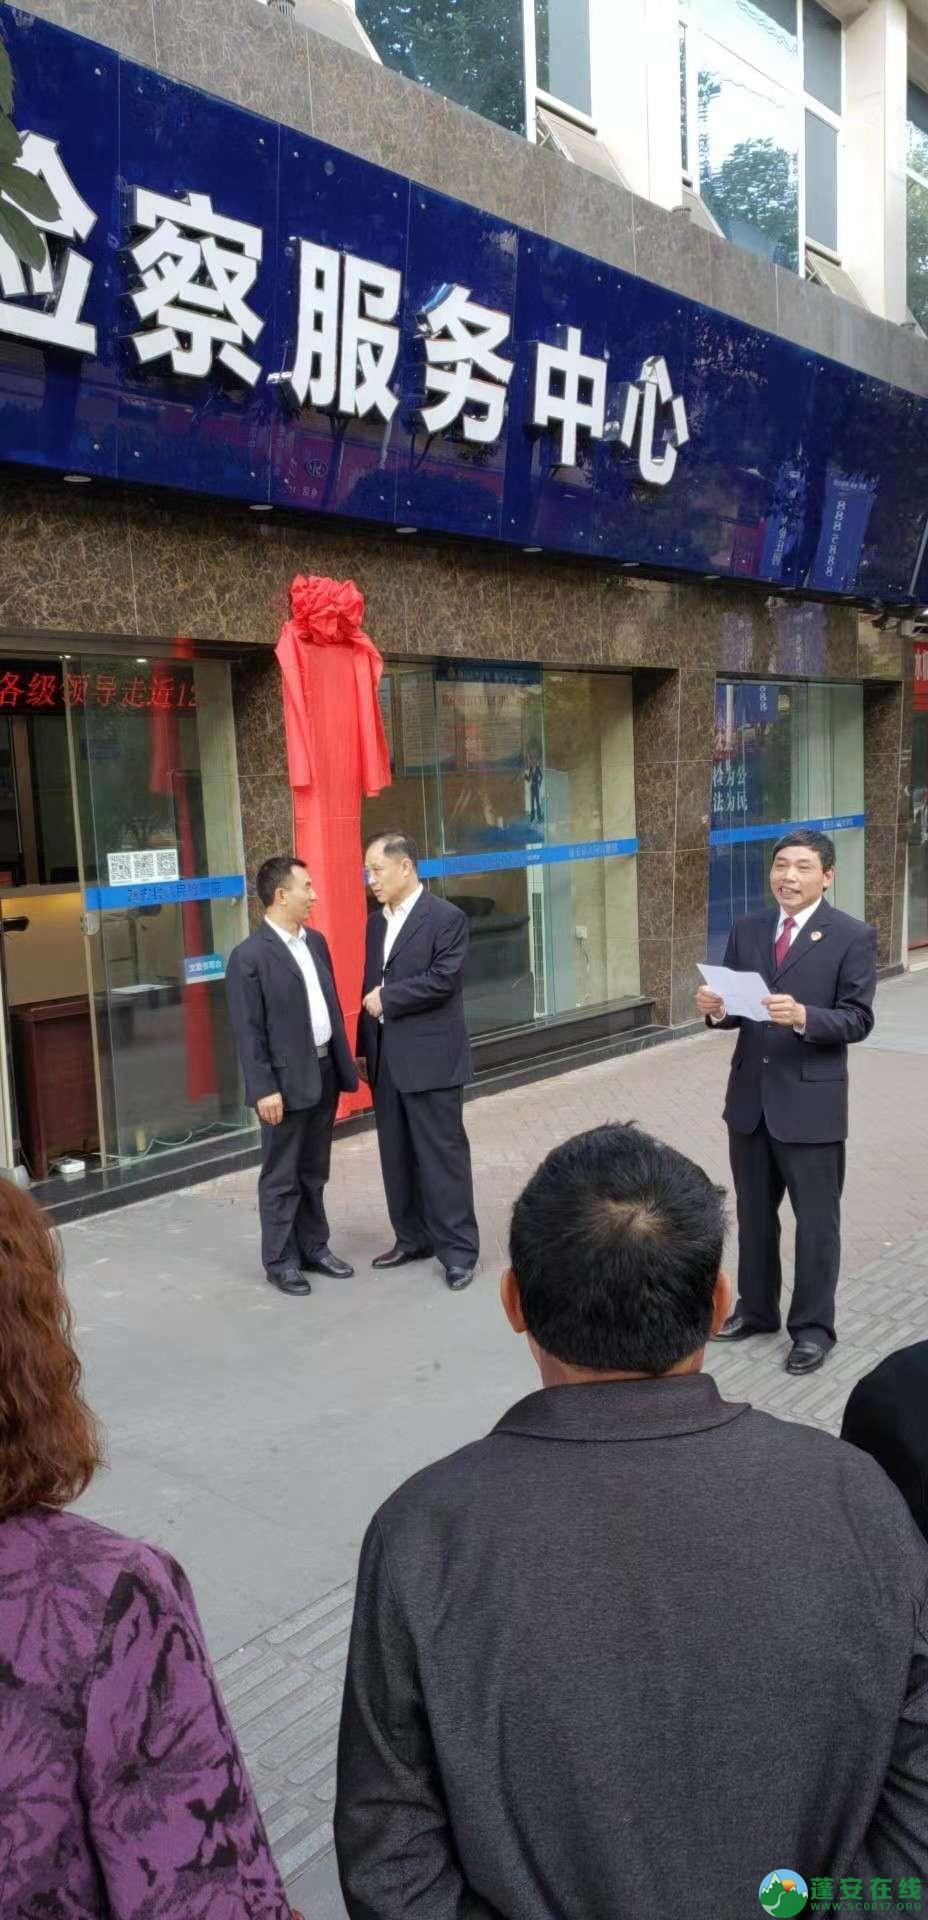 蓬安县人民检察院12309检察服务中心正式宣告挂牌成立 - 第5张  | 蓬安在线